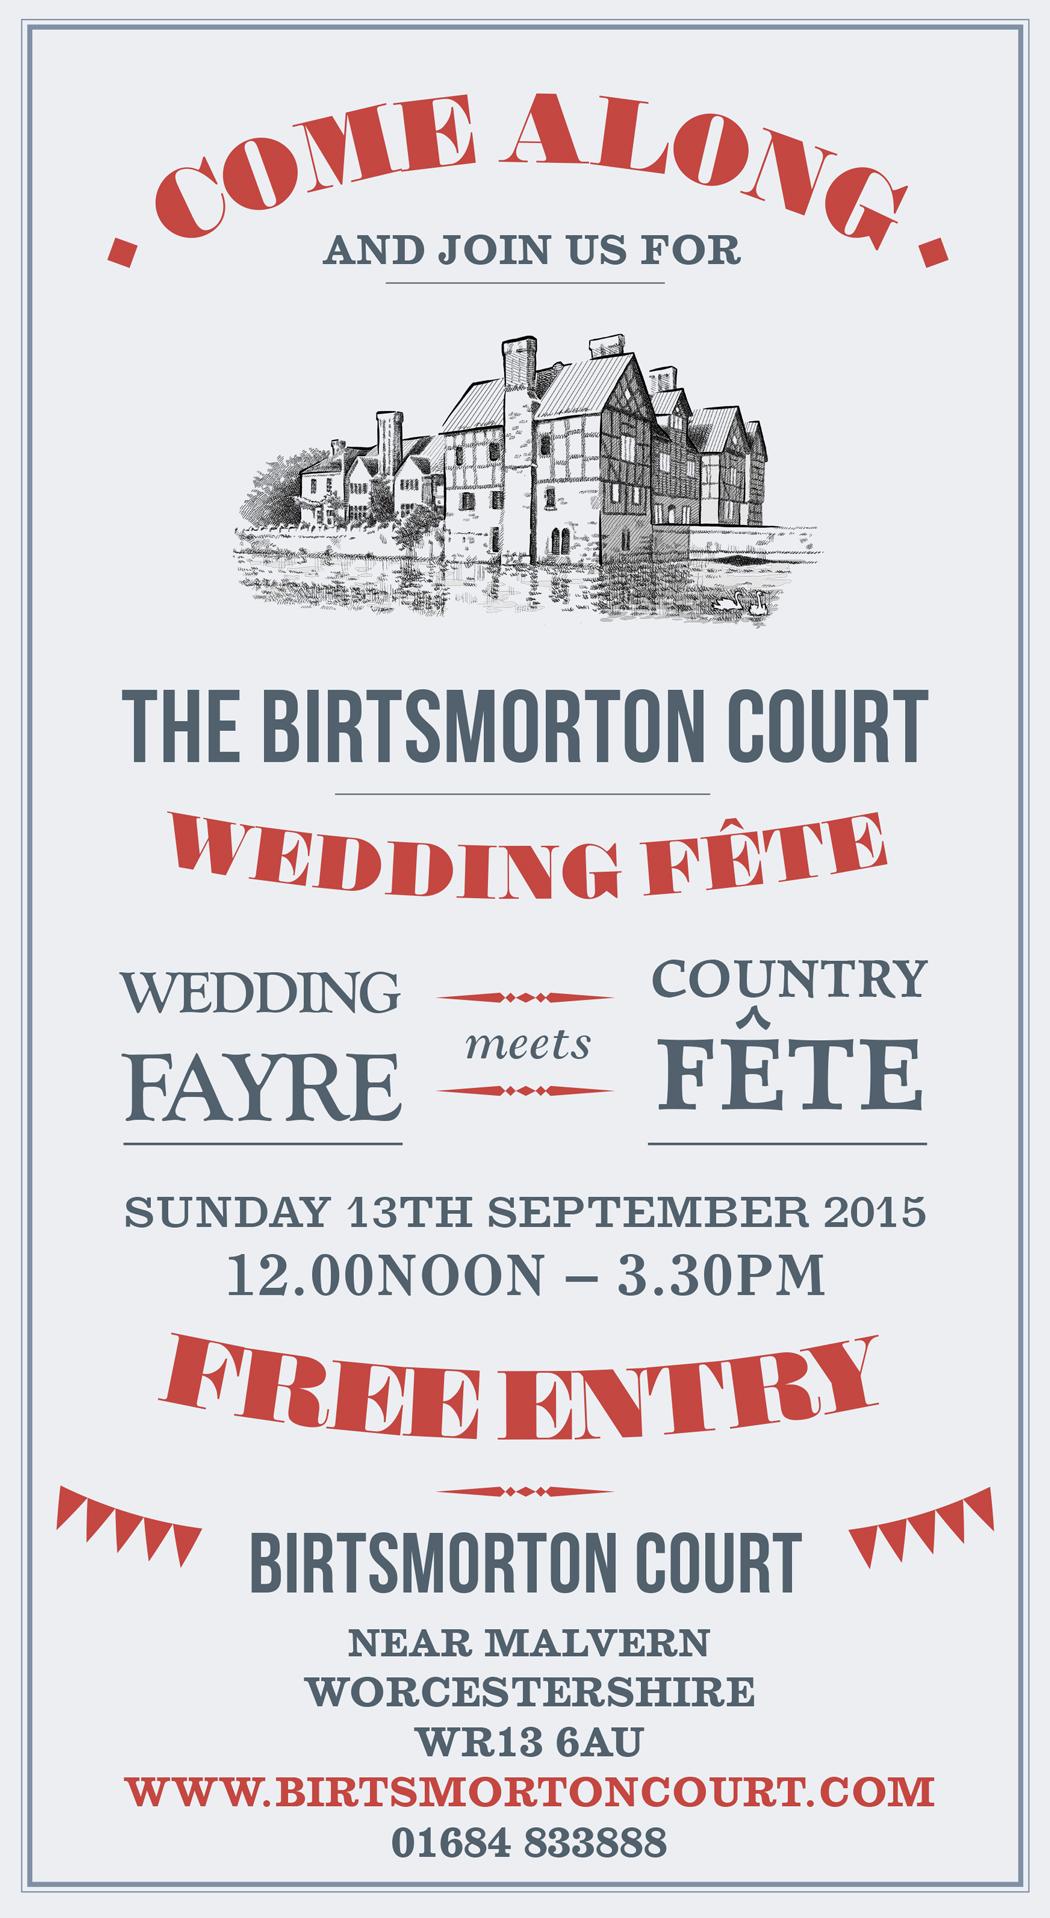 birtsmorton-court-wedding-fete-poster